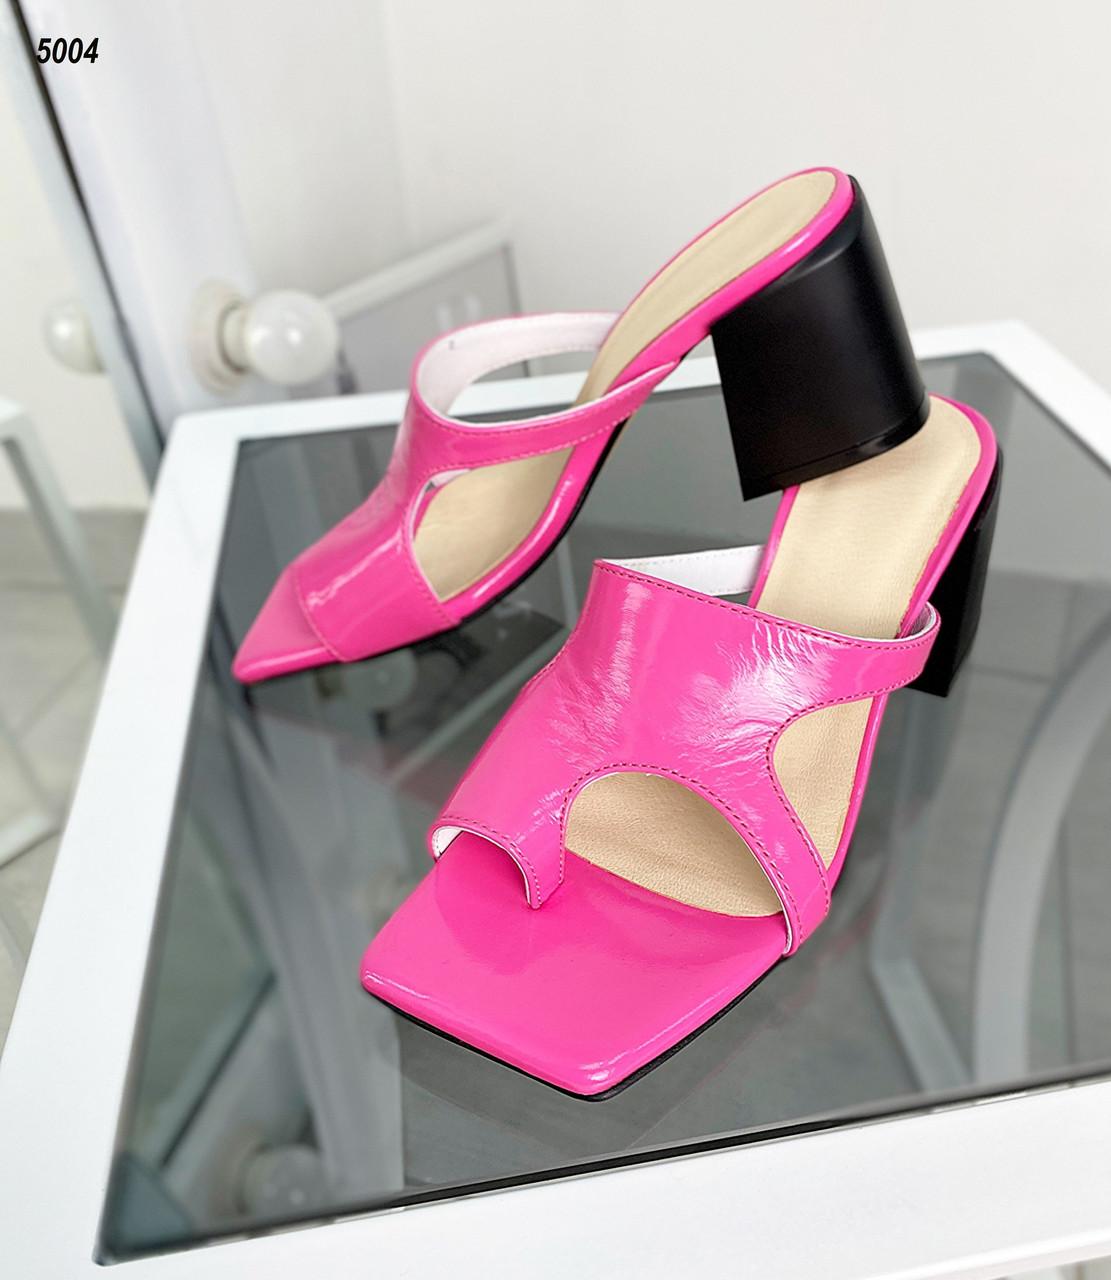 Женские кожаные лаковые шлёпанцы на каблуке 36-40 р фуксия